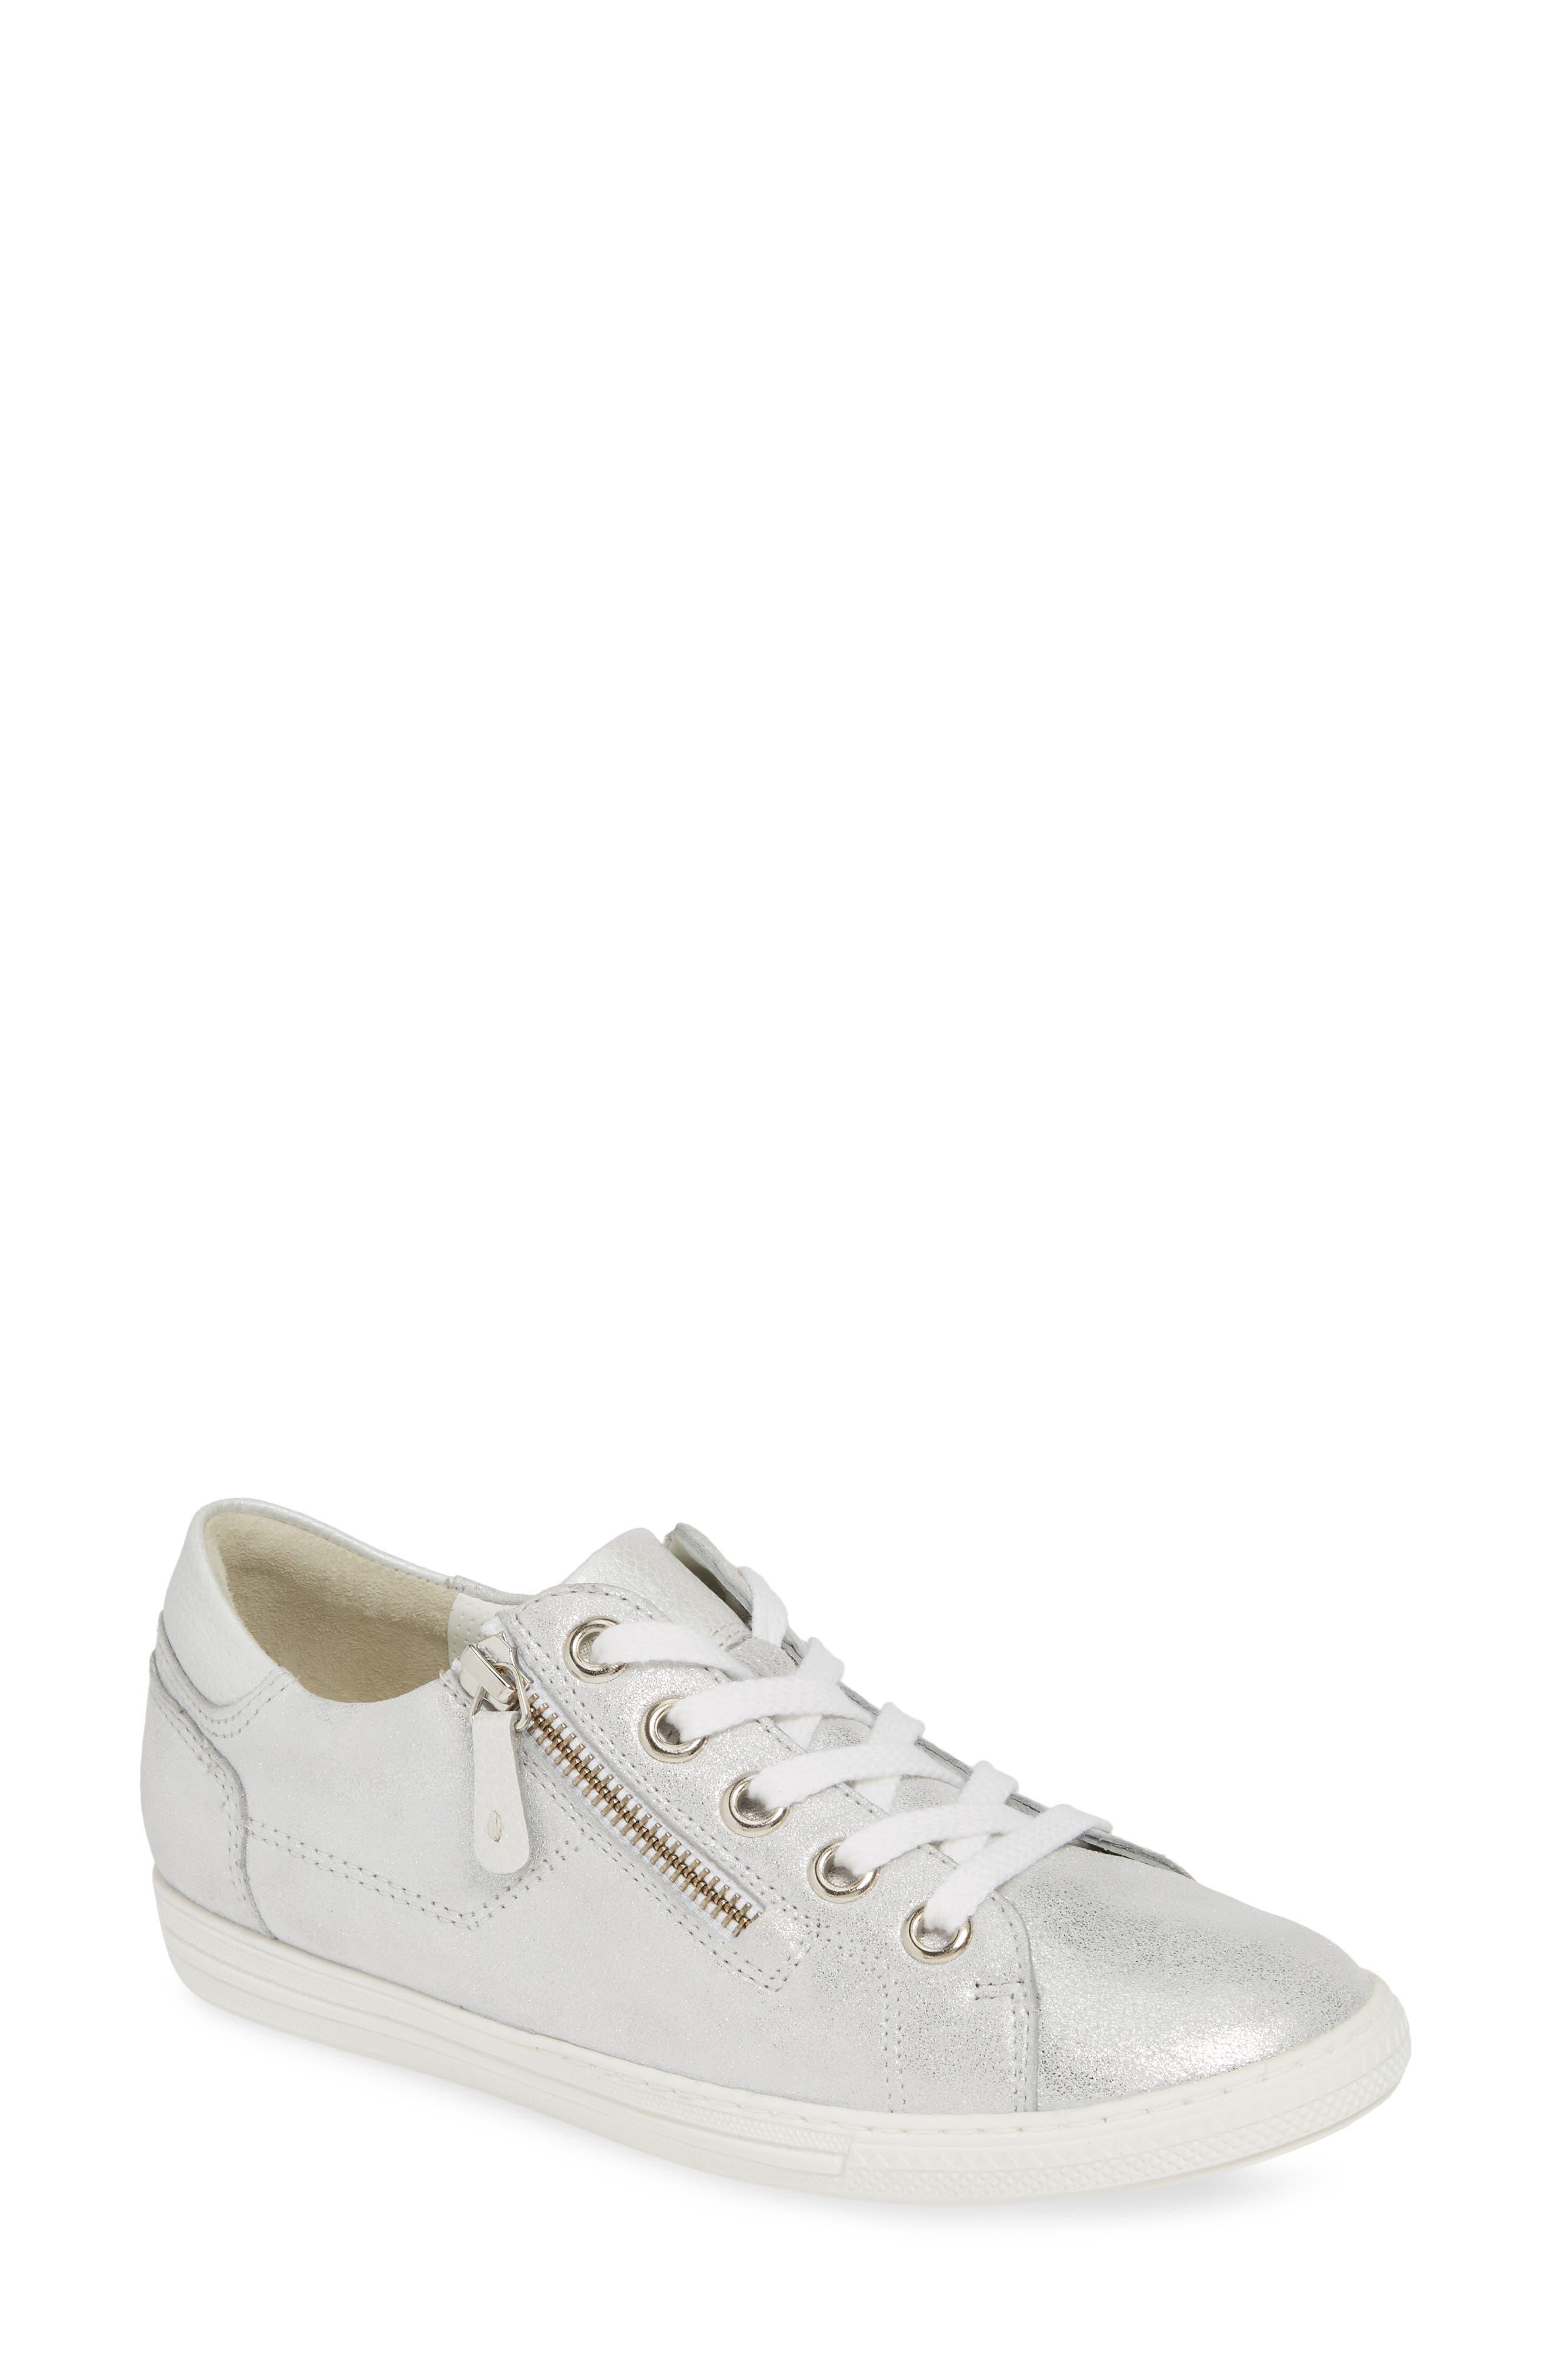 Paul Green Upbeat Metallic Low Top Sneaker - Grey